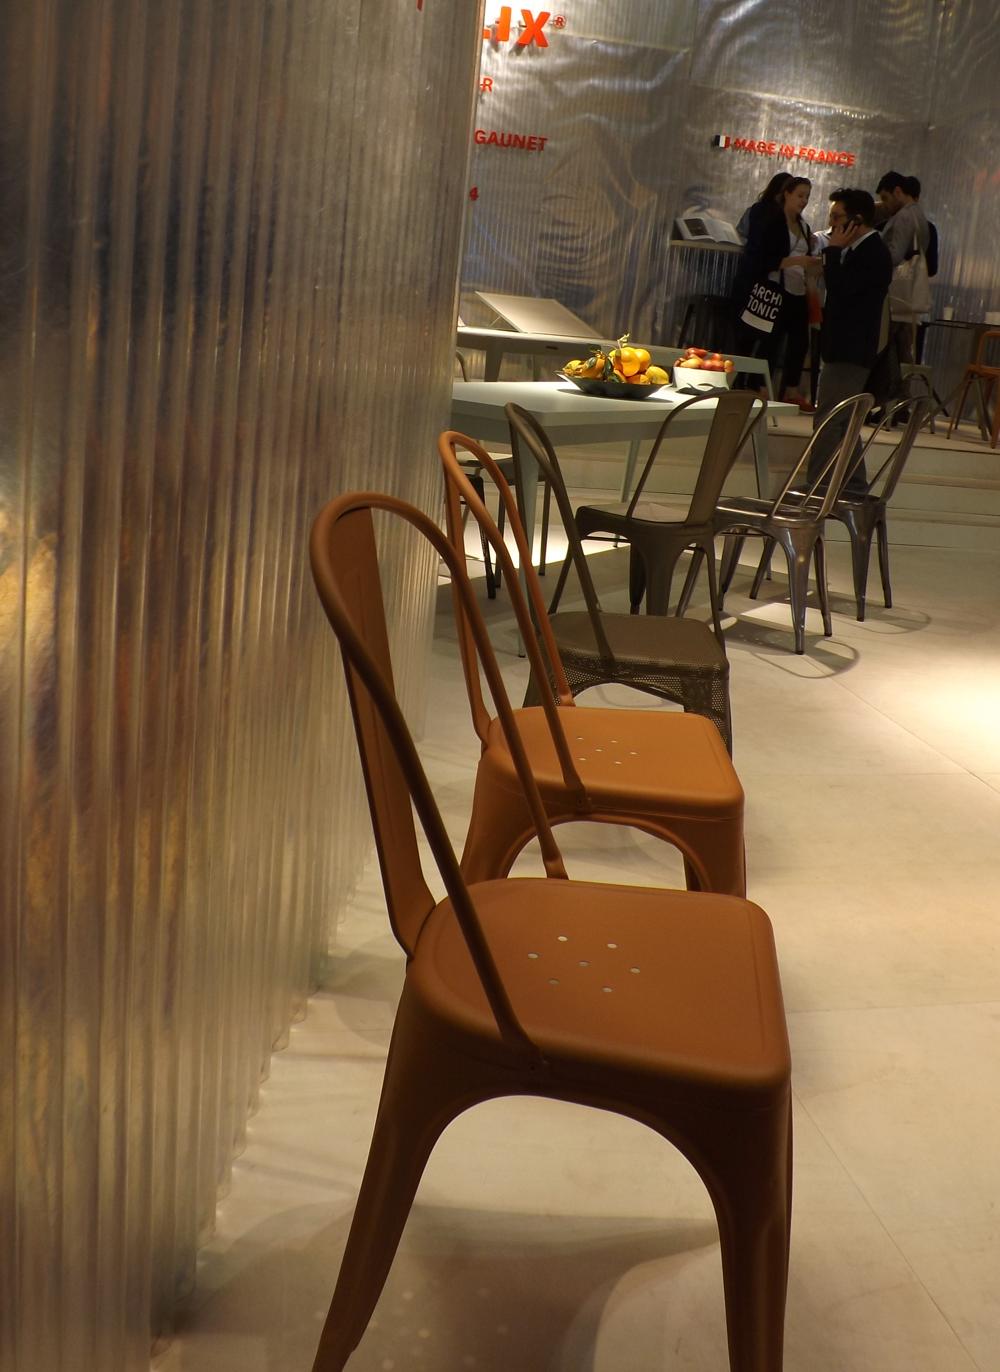 Tendència 1 en mobiliari i decoració: L'ús dels metalls (or, coure i bronze). Un article de @SeseJover